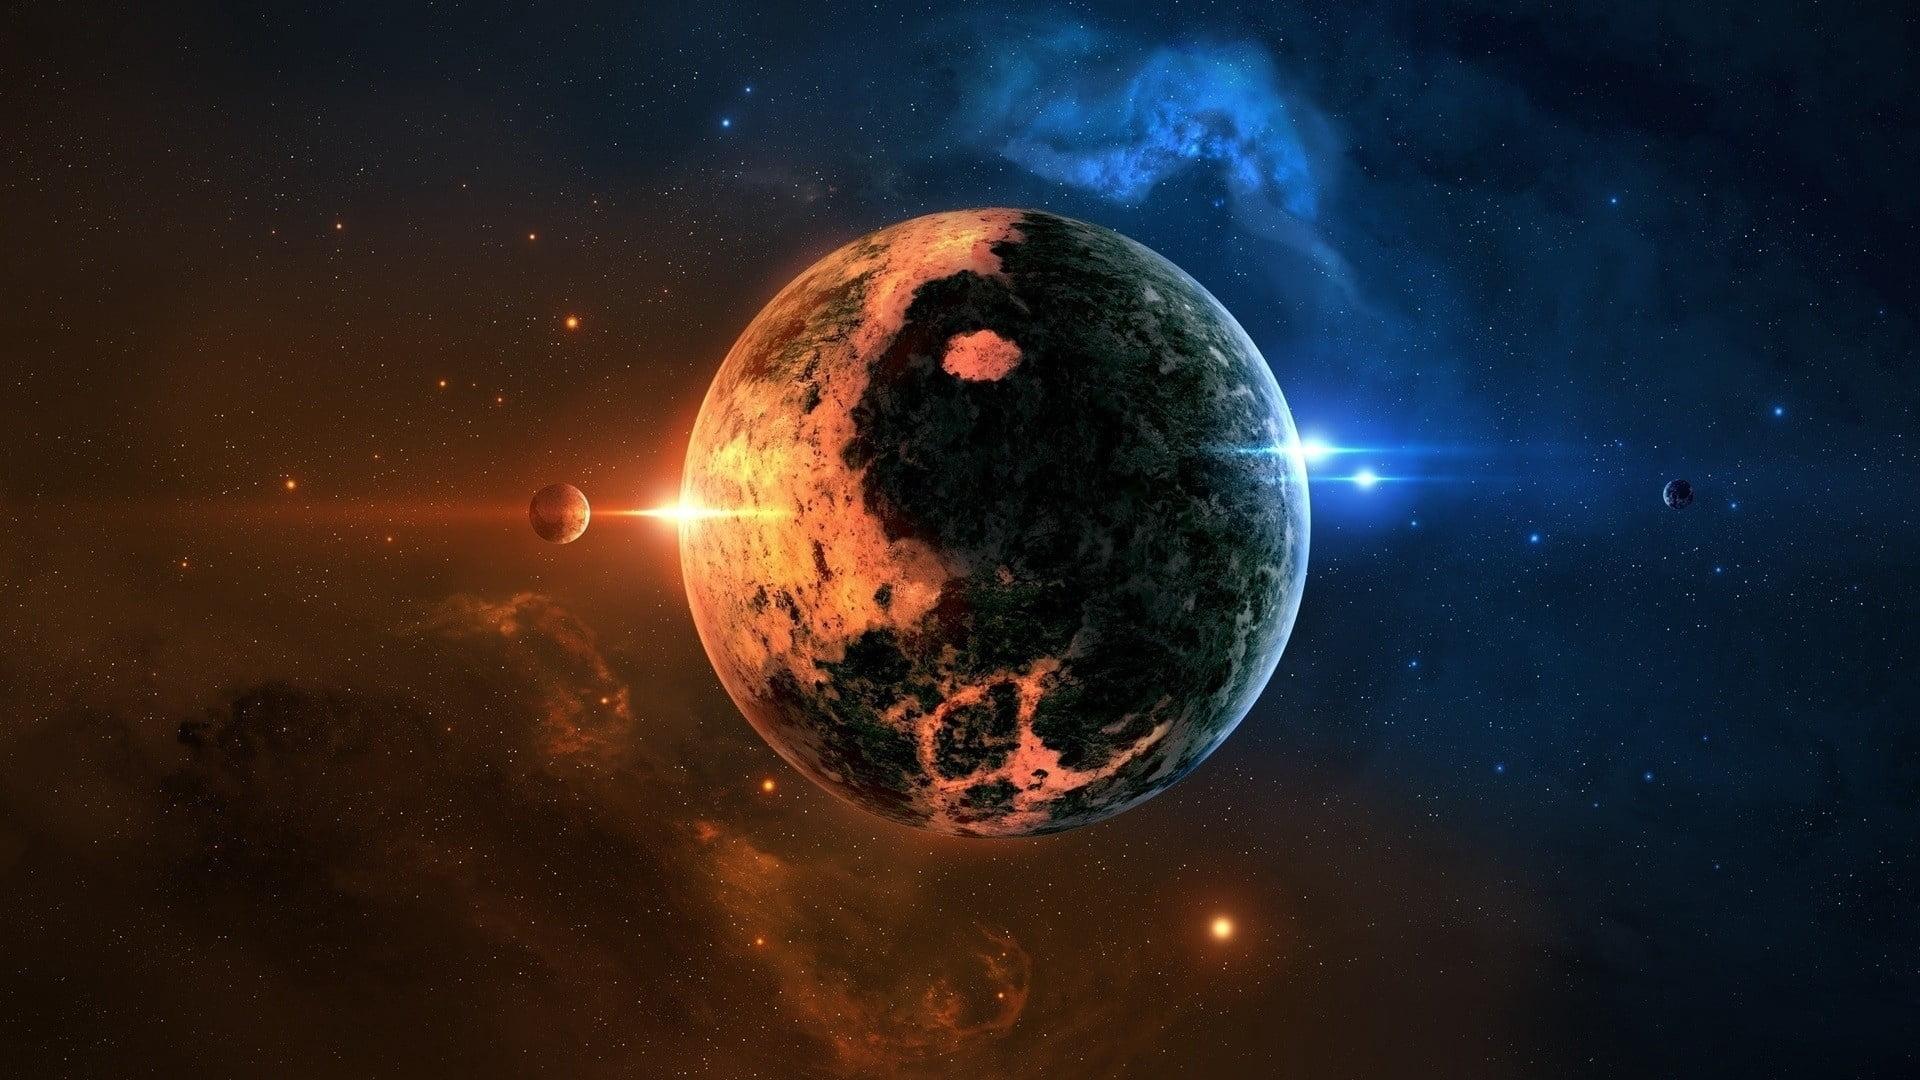 Hình ảnh Trái Đất ấn tượng